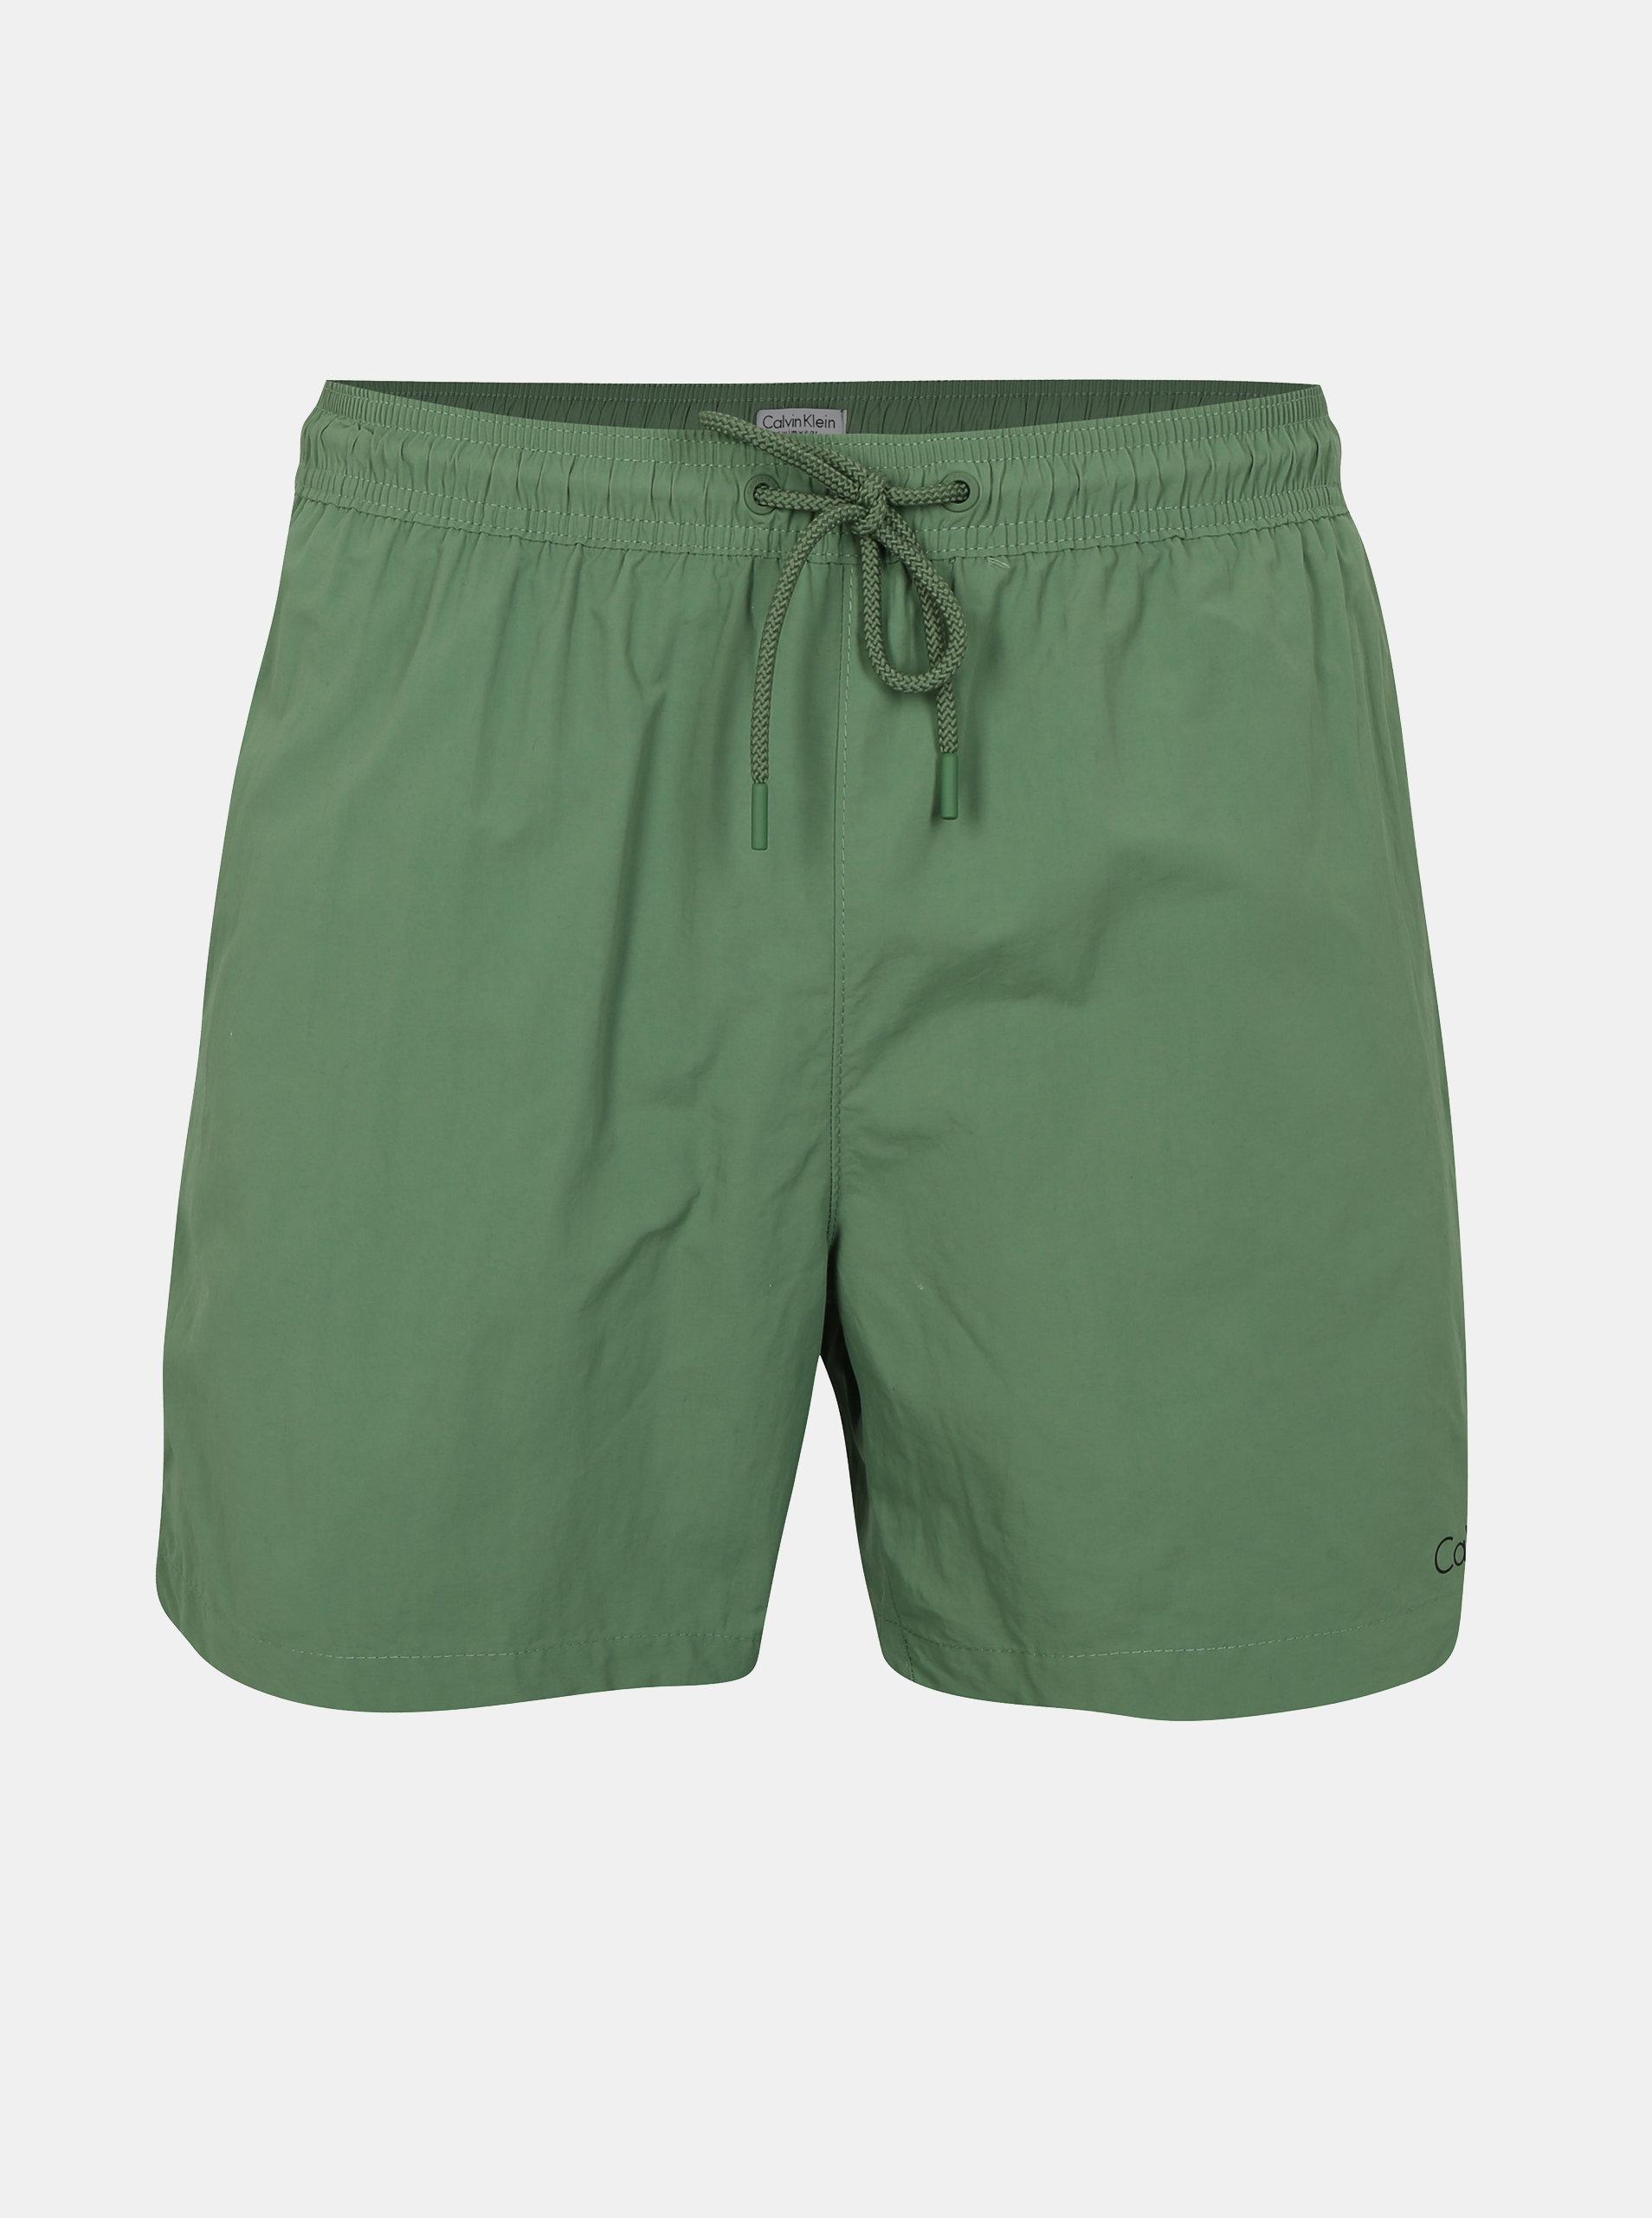 0c317a61f452e Pantaloni scurti de baie verzi pentru barbati - Calvin Klein Underwear ...